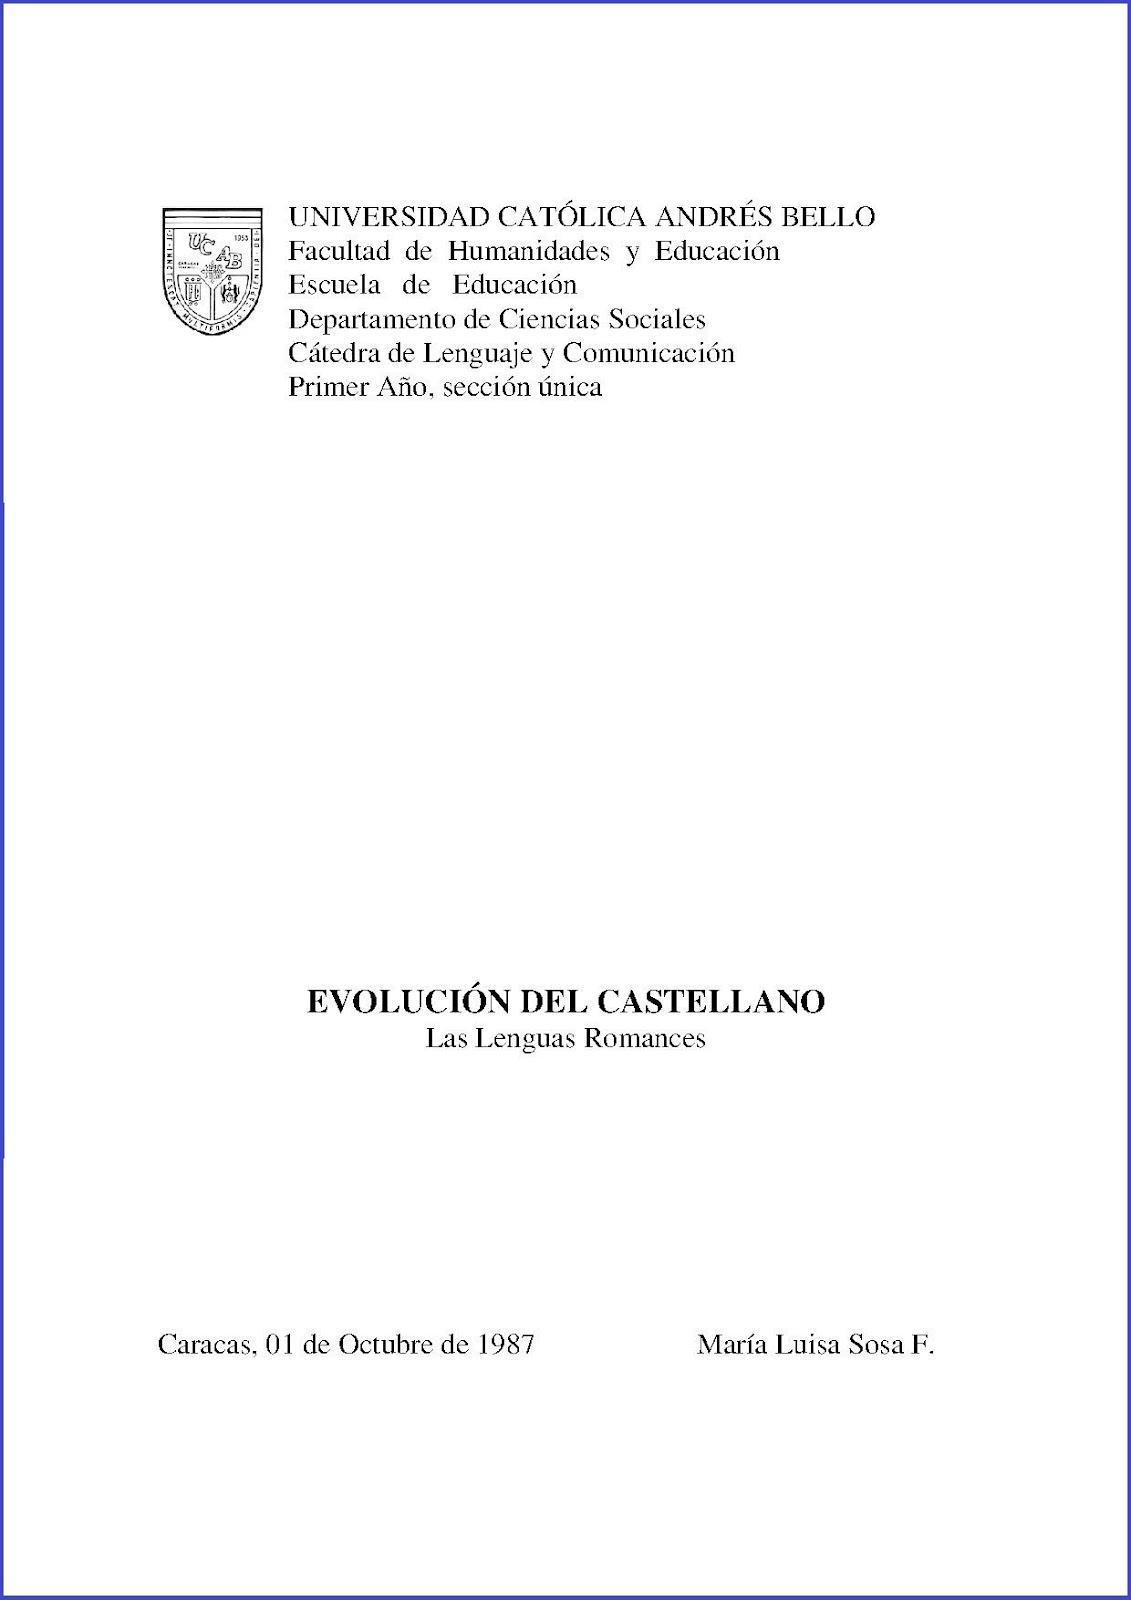 BOSQUEJOS ELABORACIN DE MONOGRAFAS